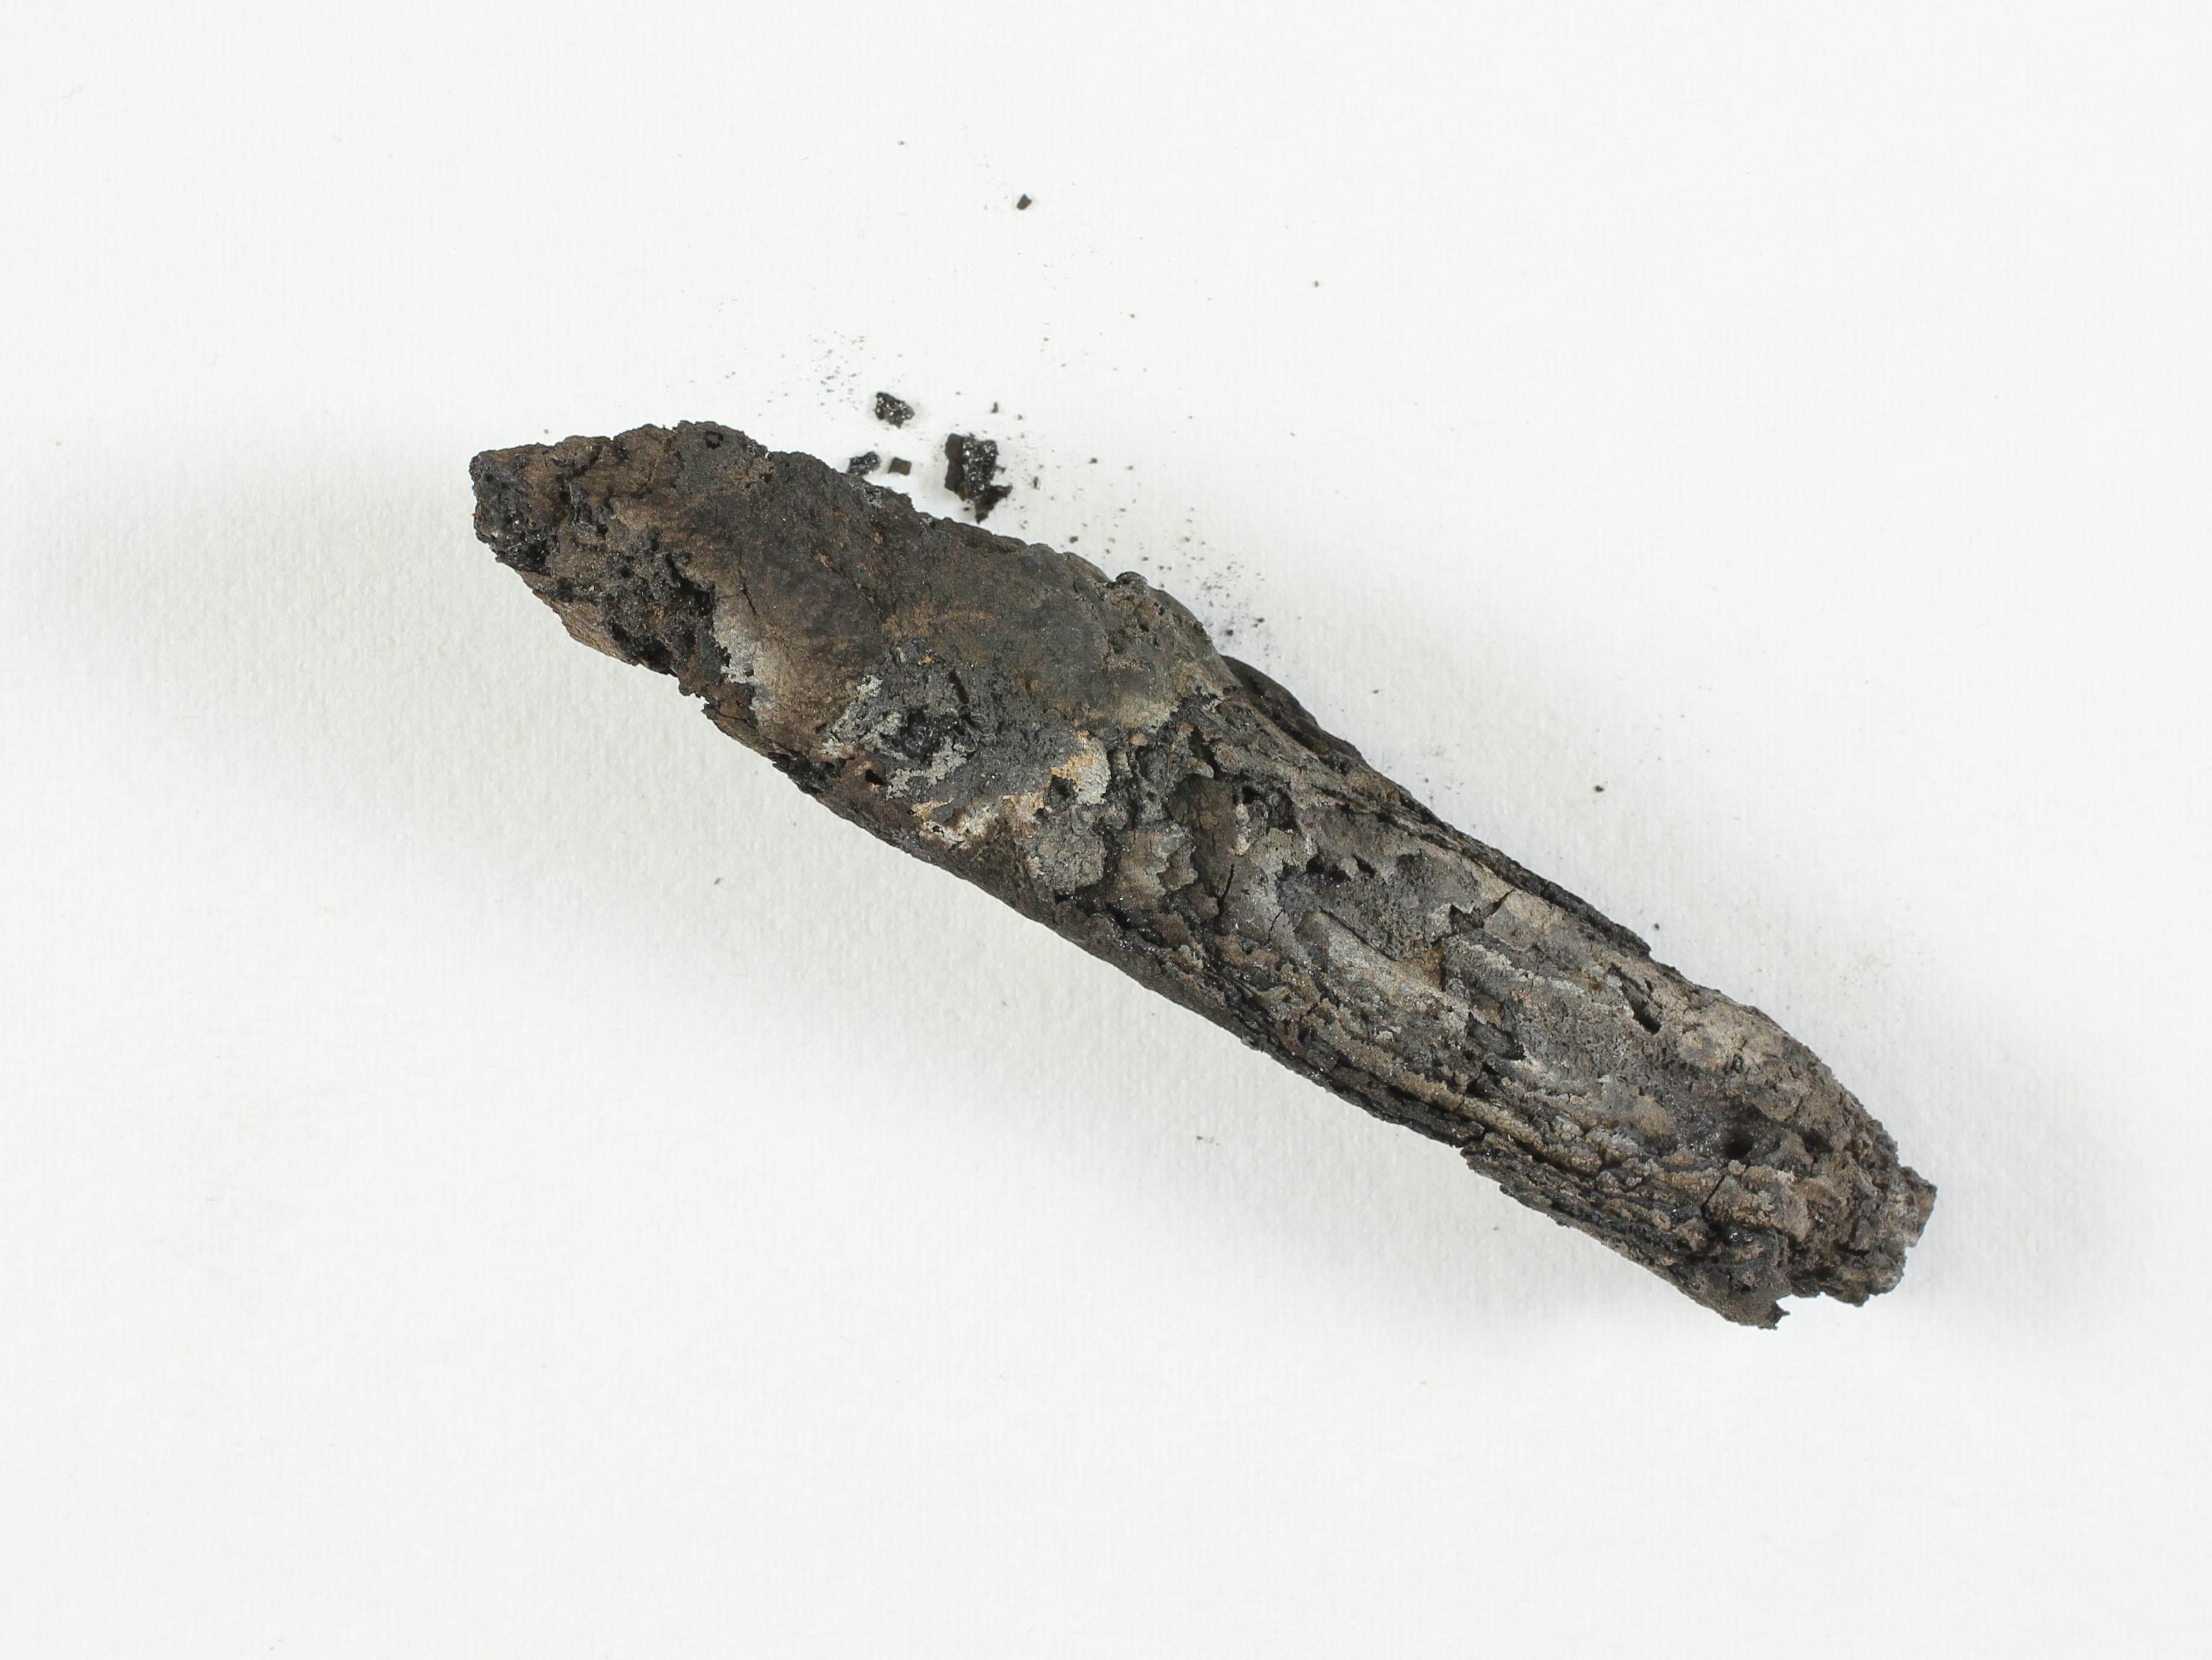 קטע המגילה שנבדק במעבדות מגילות מדבר יהודה על שם משפחת לונדר, רשות העתיקות. צילום: שי הלוי, רשות העתיקות